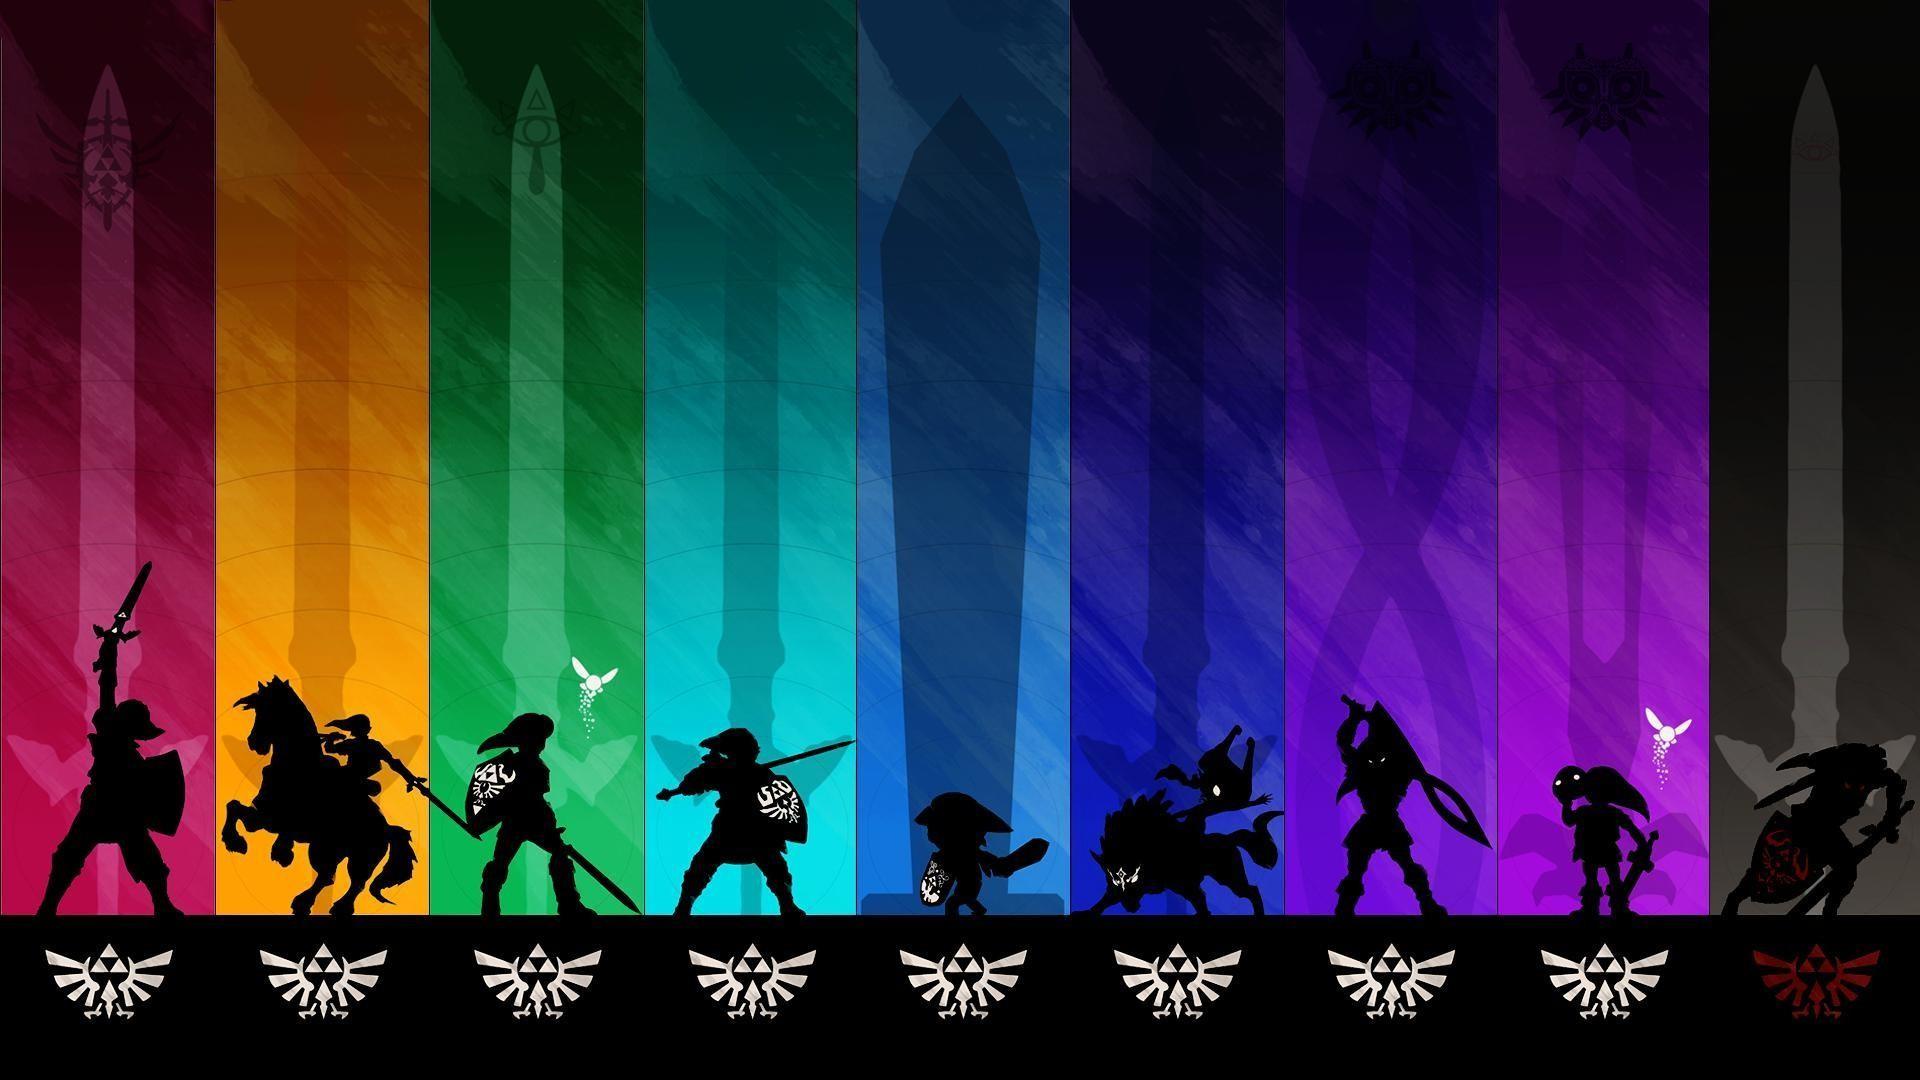 Legend Of Zelda Wallpaper 1920x1080: Legend Of Zelda HD Wallpaper (82+ Images